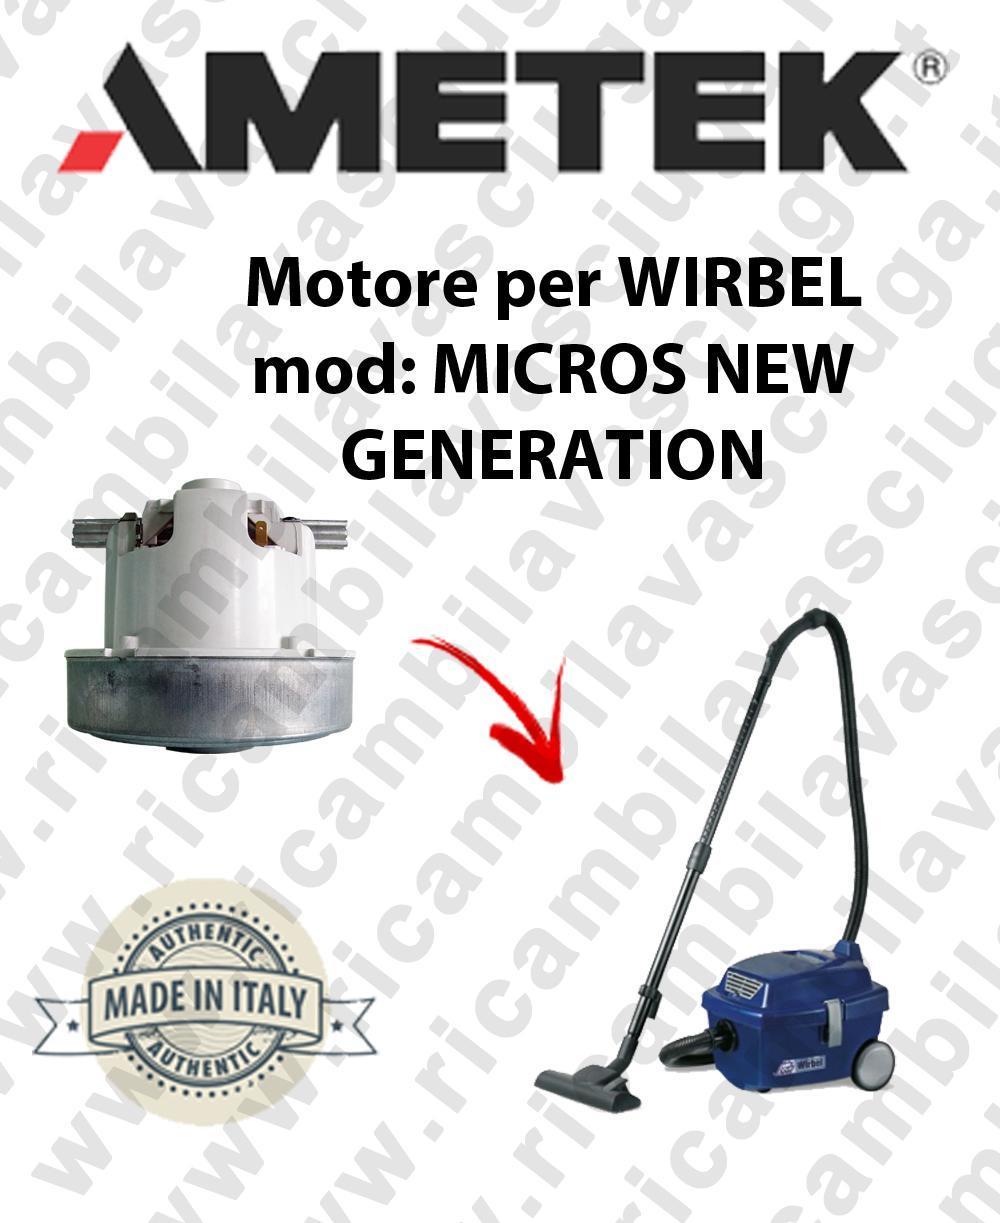 MIKROS NEW GENERATION Motore de aspiración AMETEK  para aspiradora WIRBEL